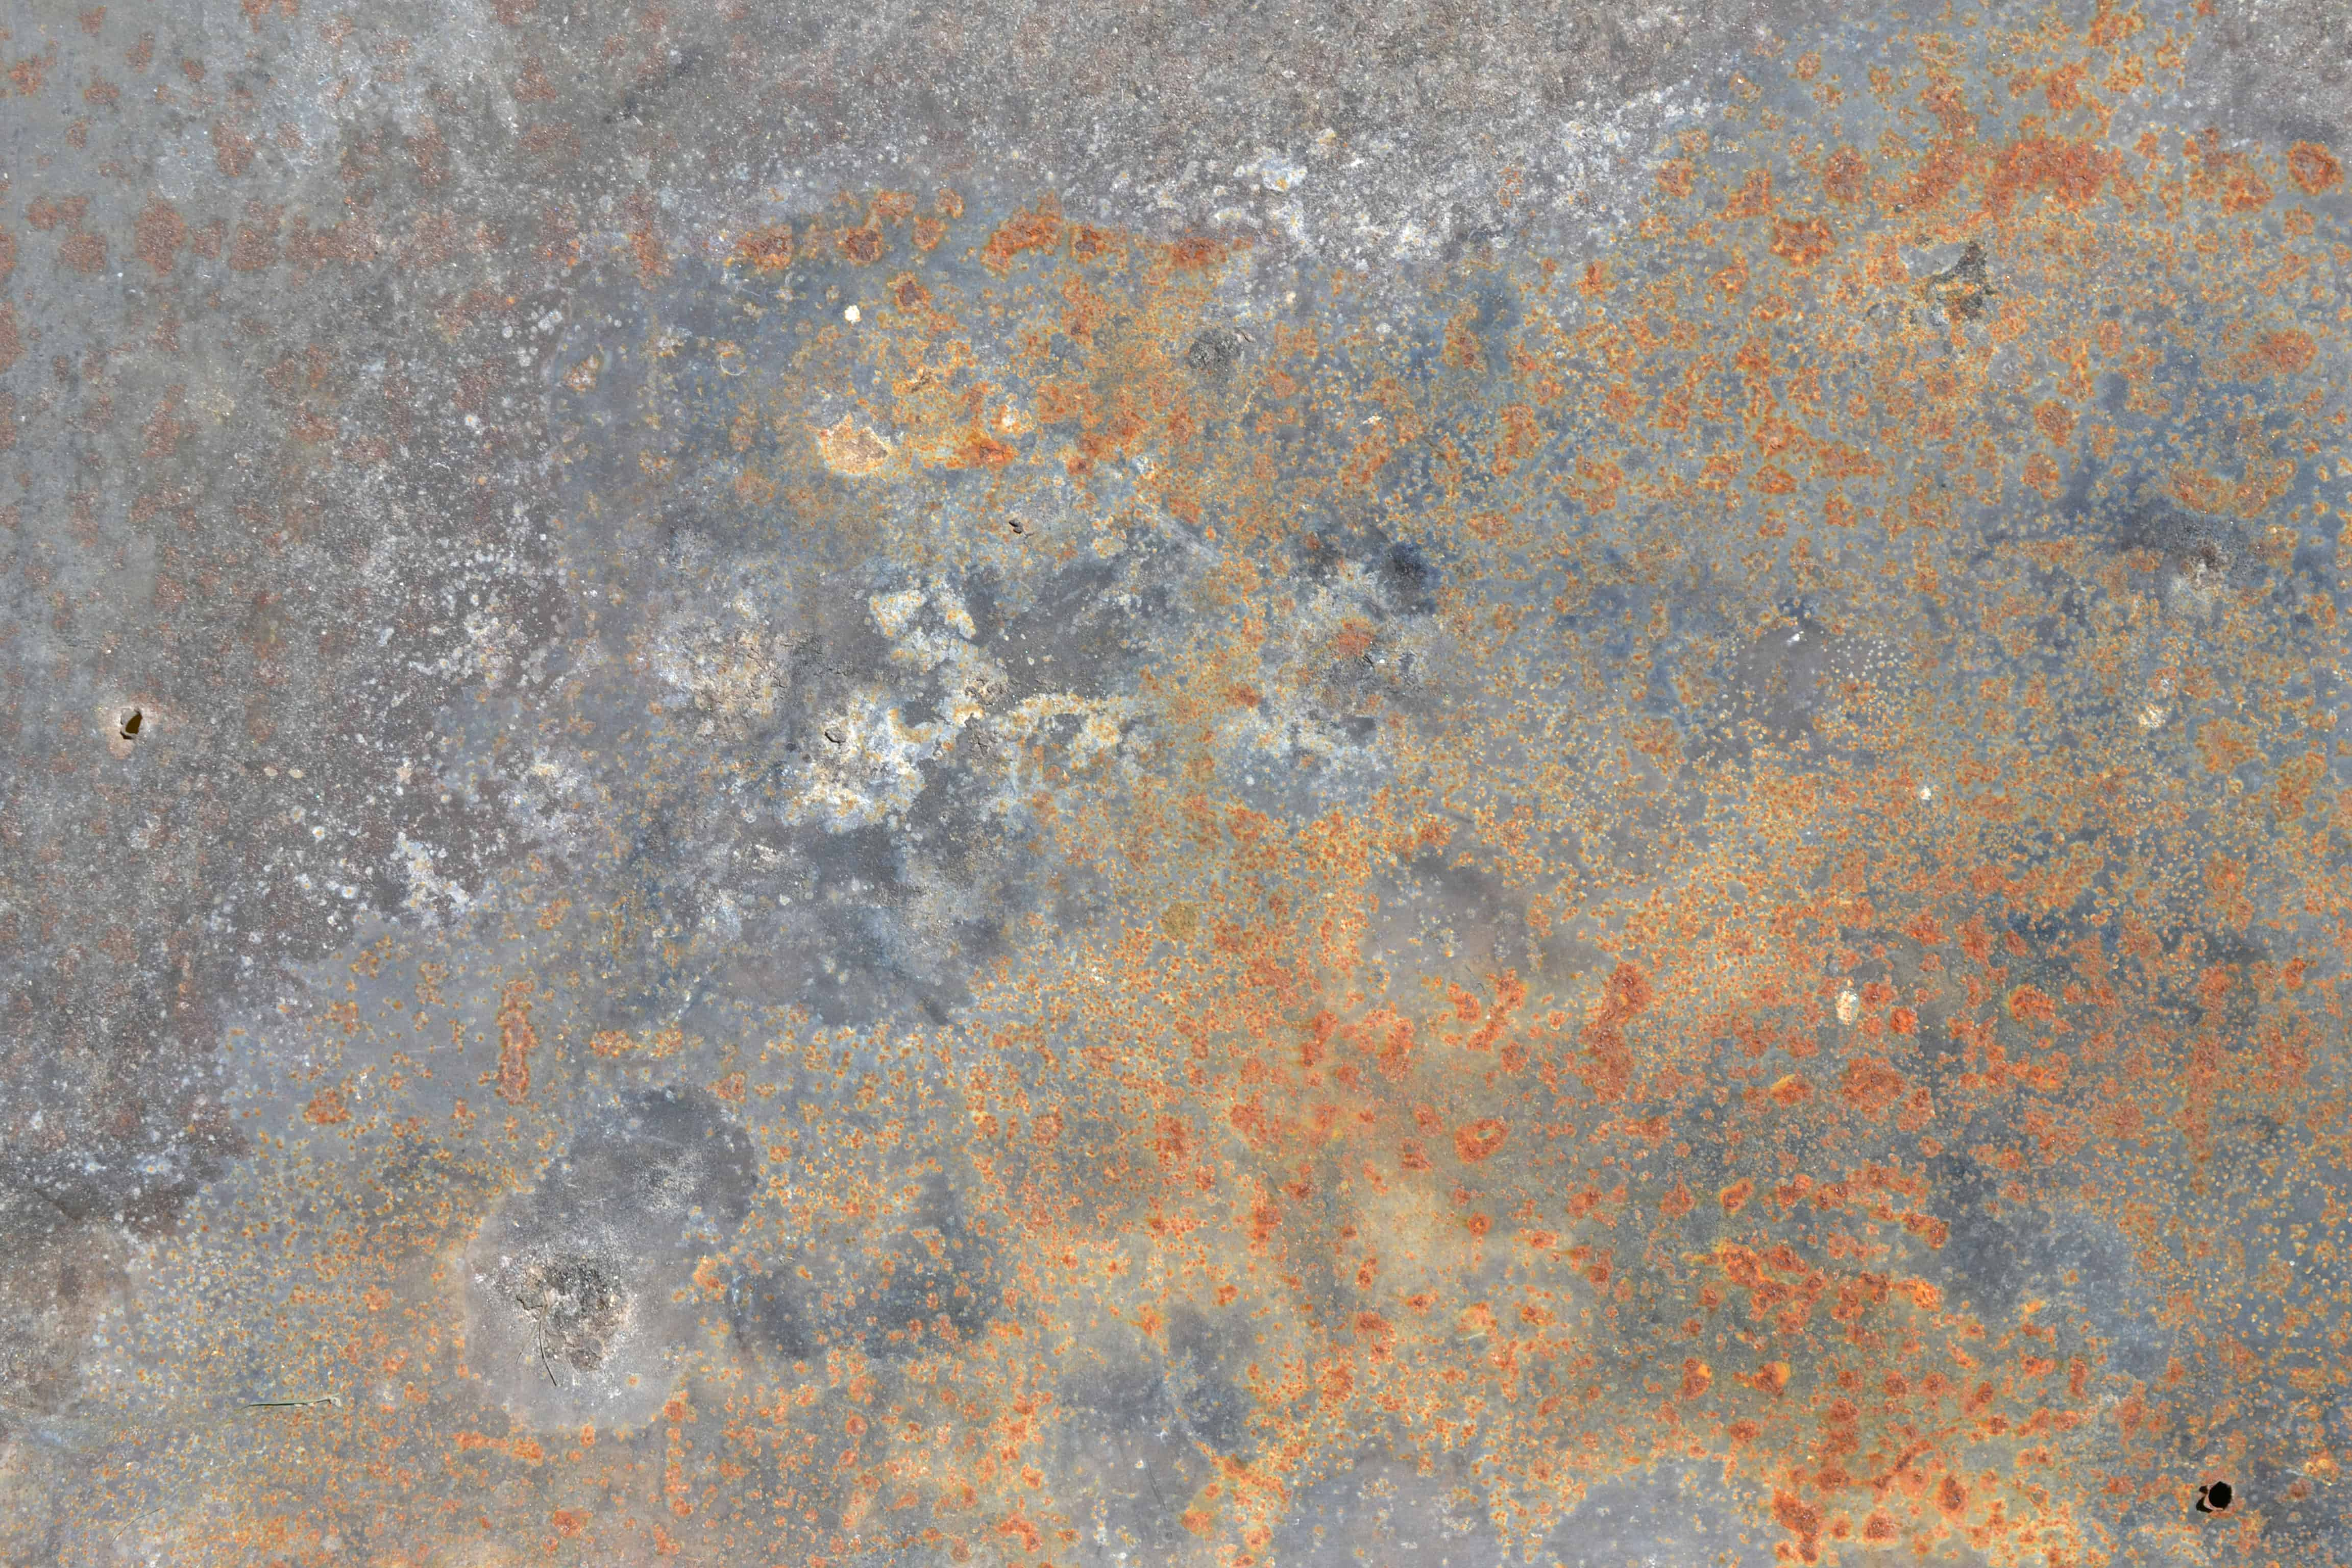 Rusty Iron Texture 무료 사진: 금속,...